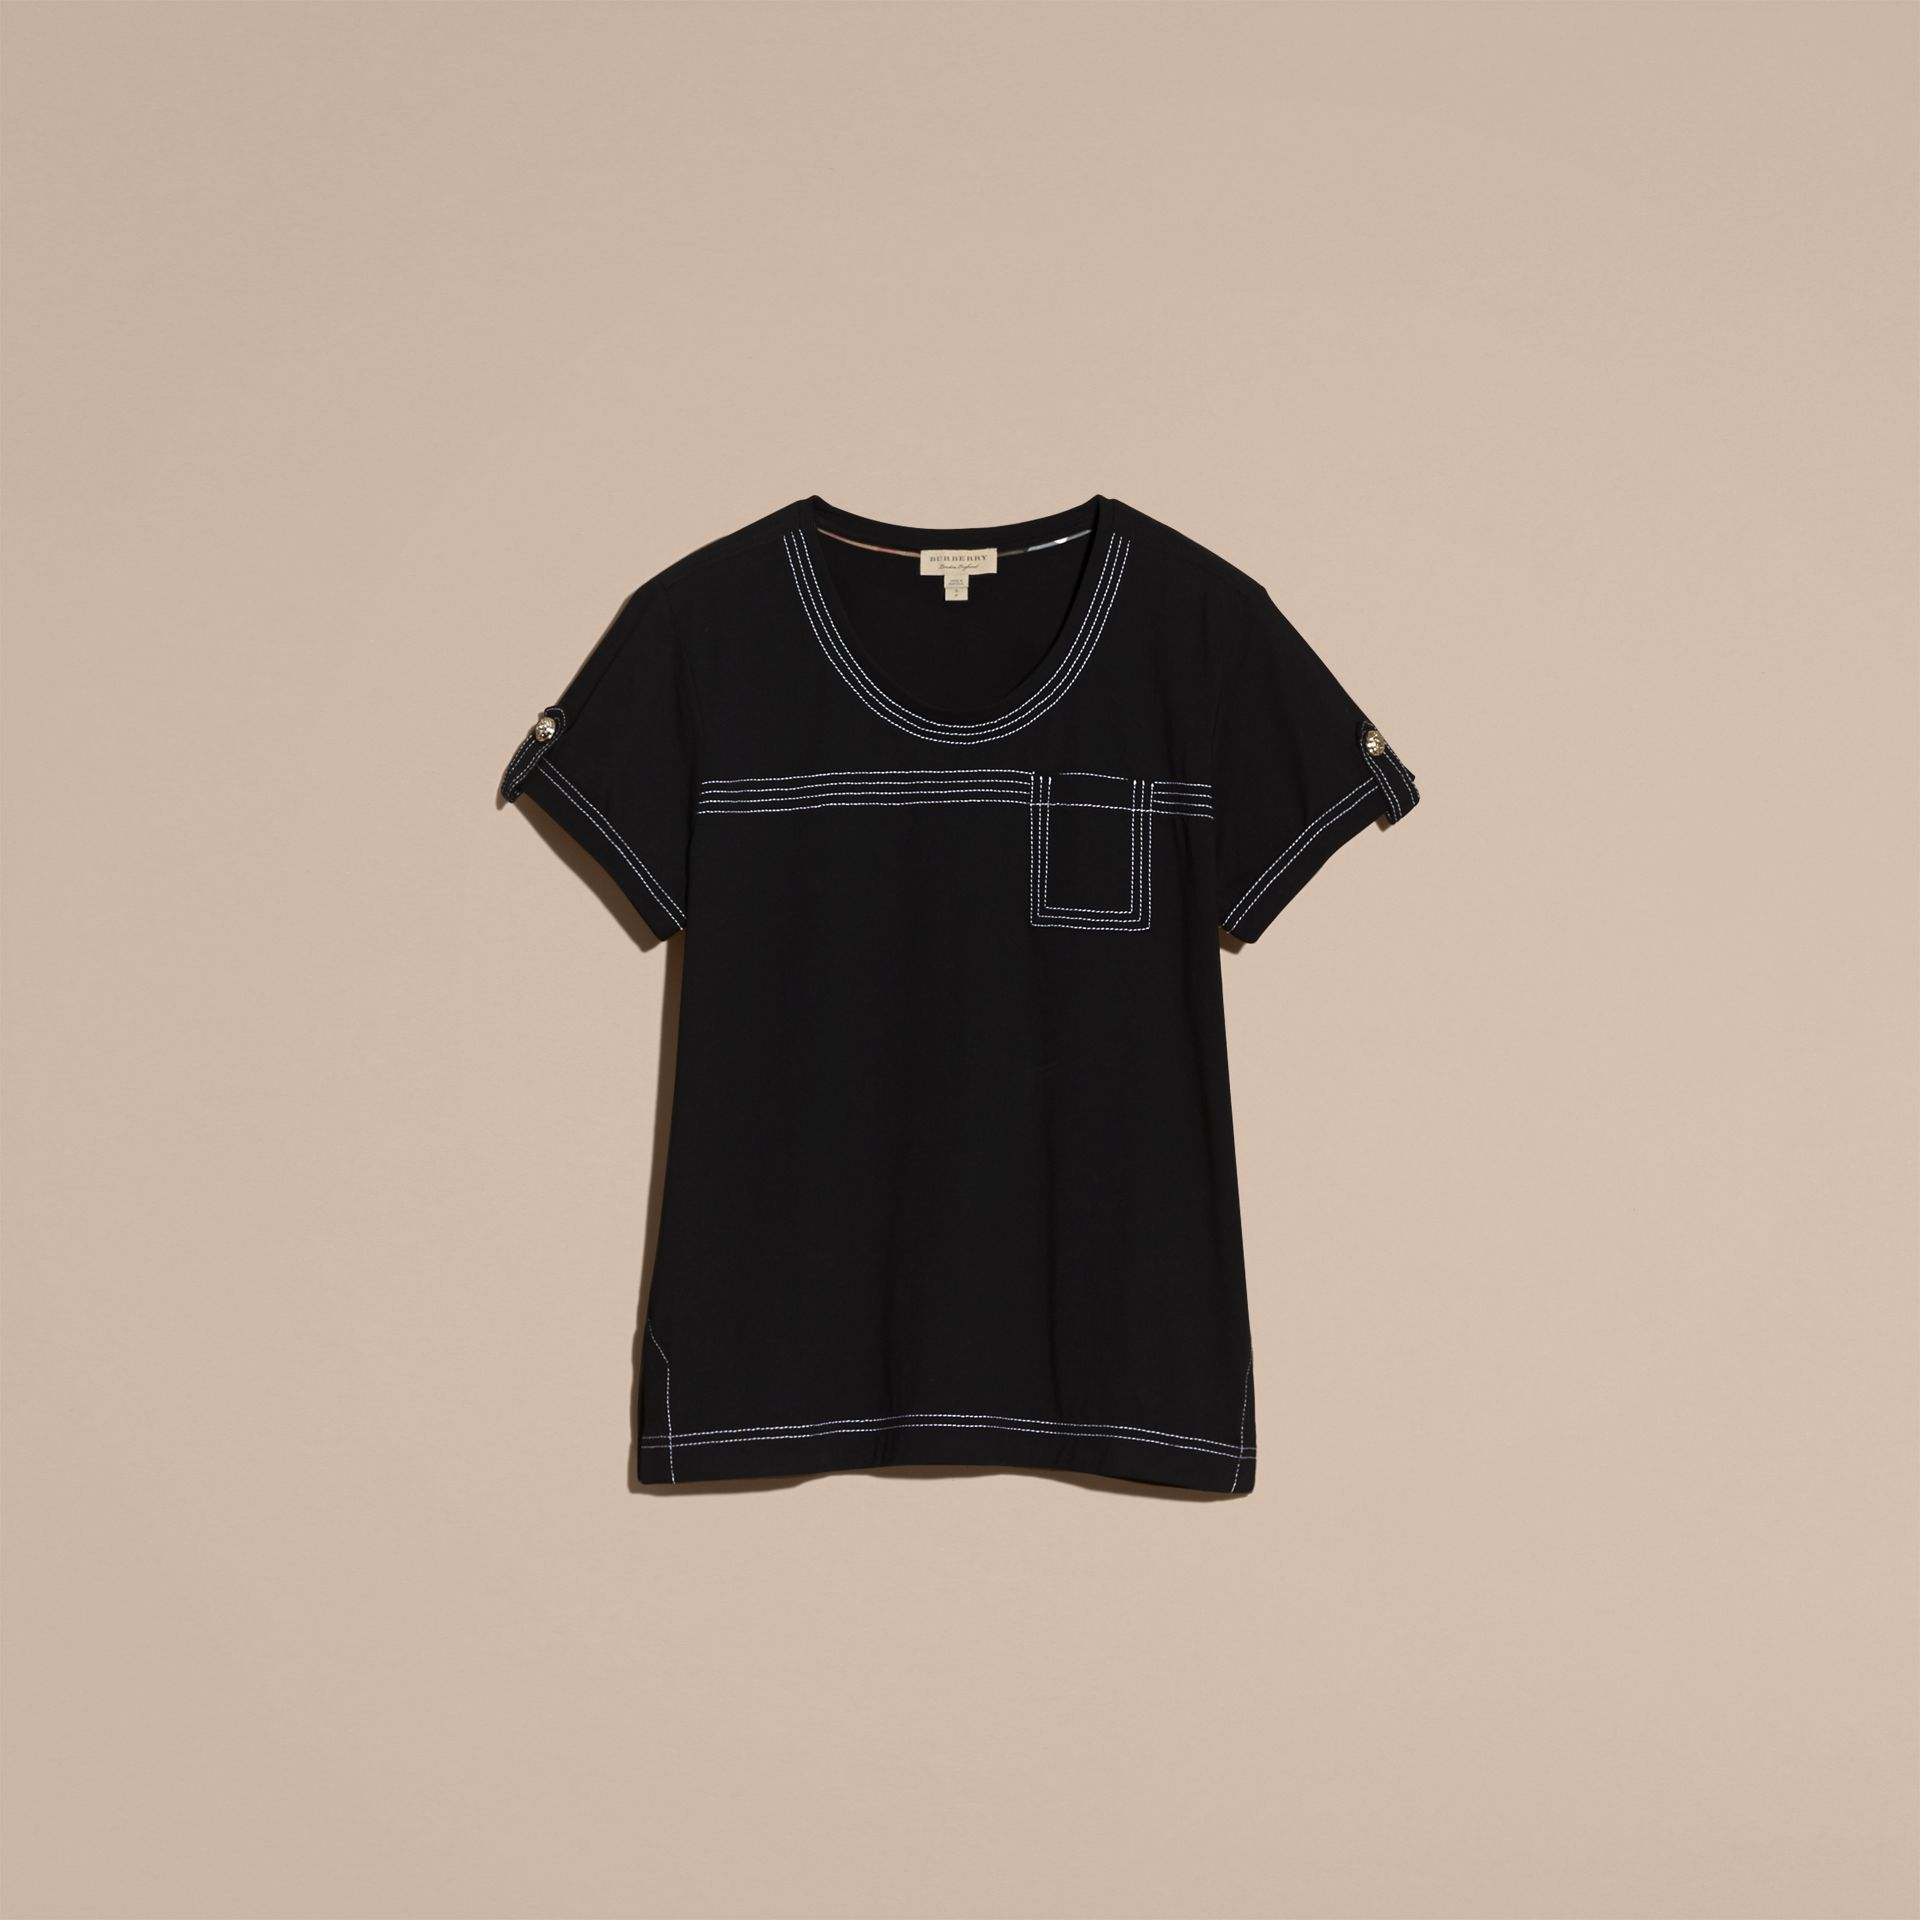 Nero T-shirt in cotone con impunture Nero - immagine della galleria 4